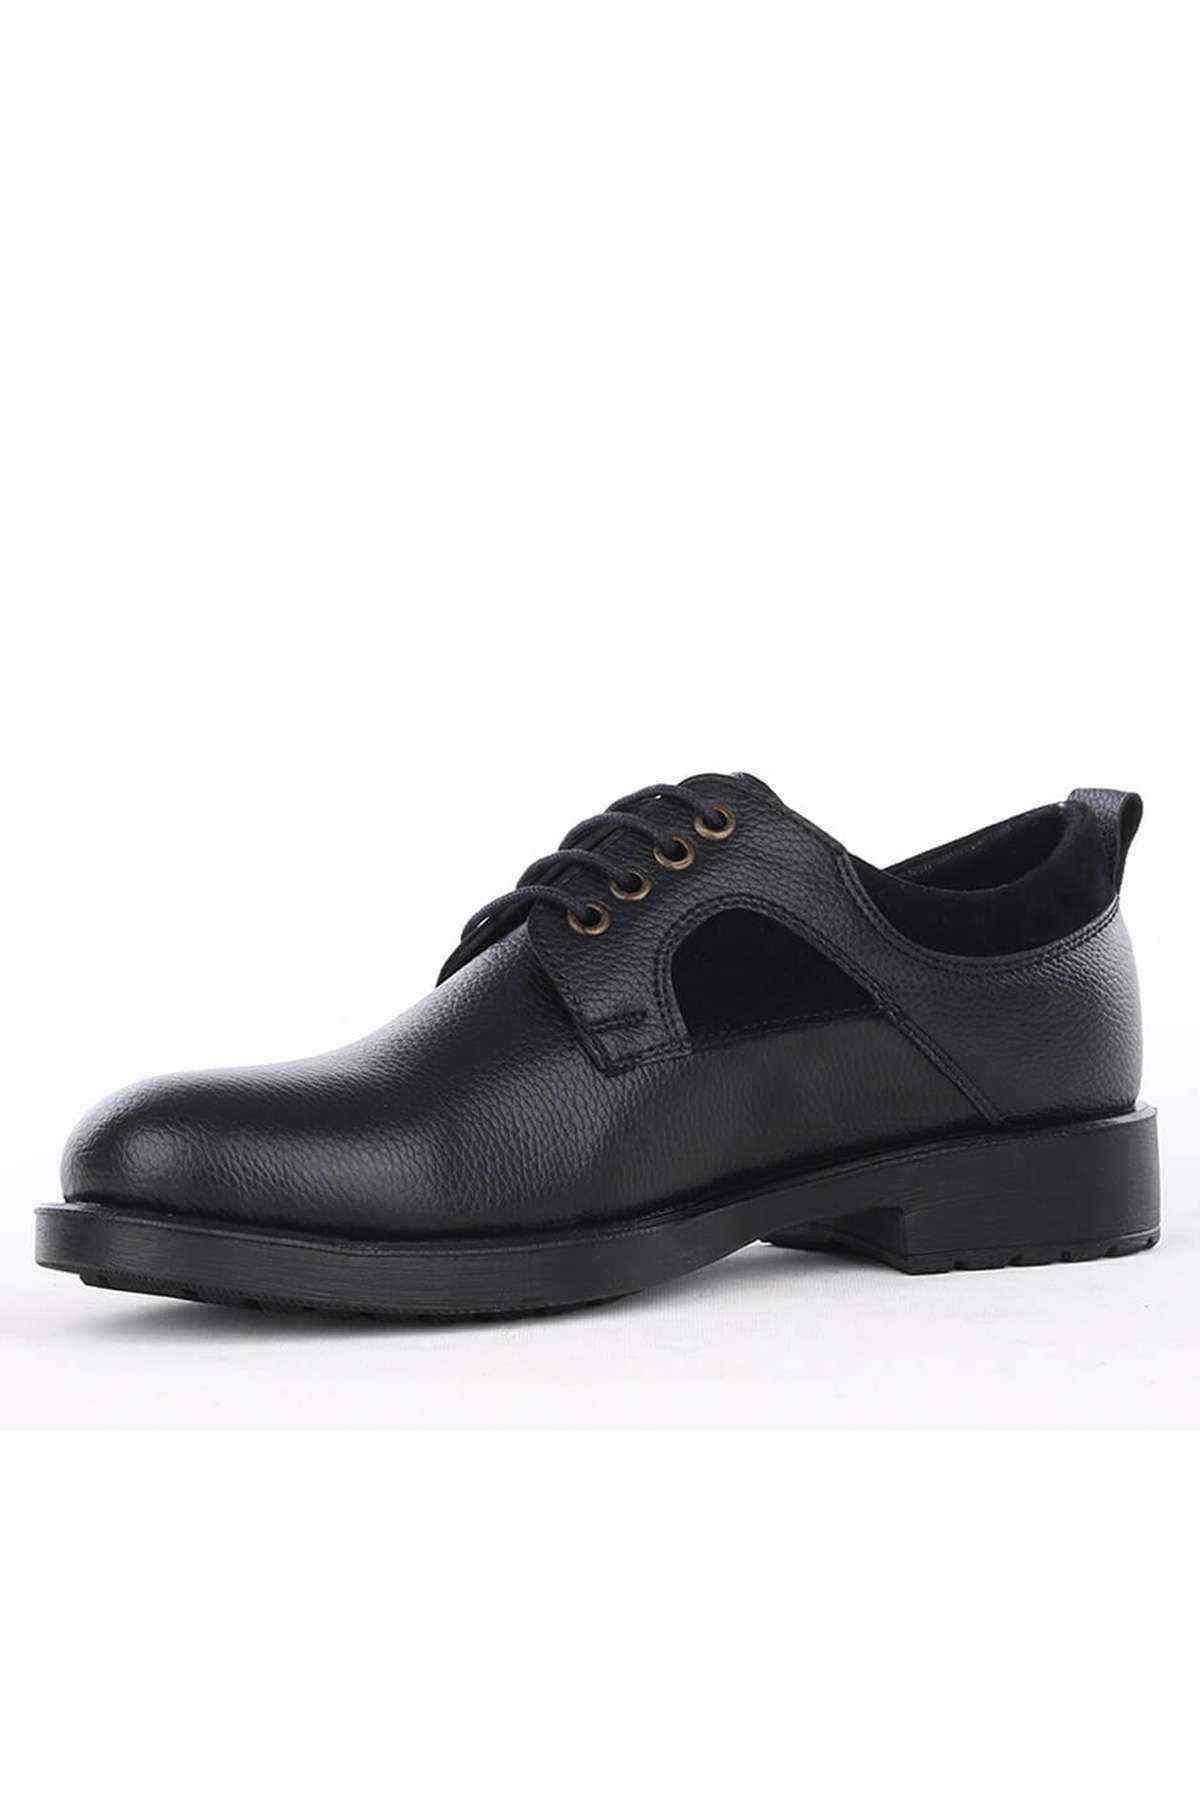 Erkek Siyah Deri Klasik Ayakkabı - DRC 032